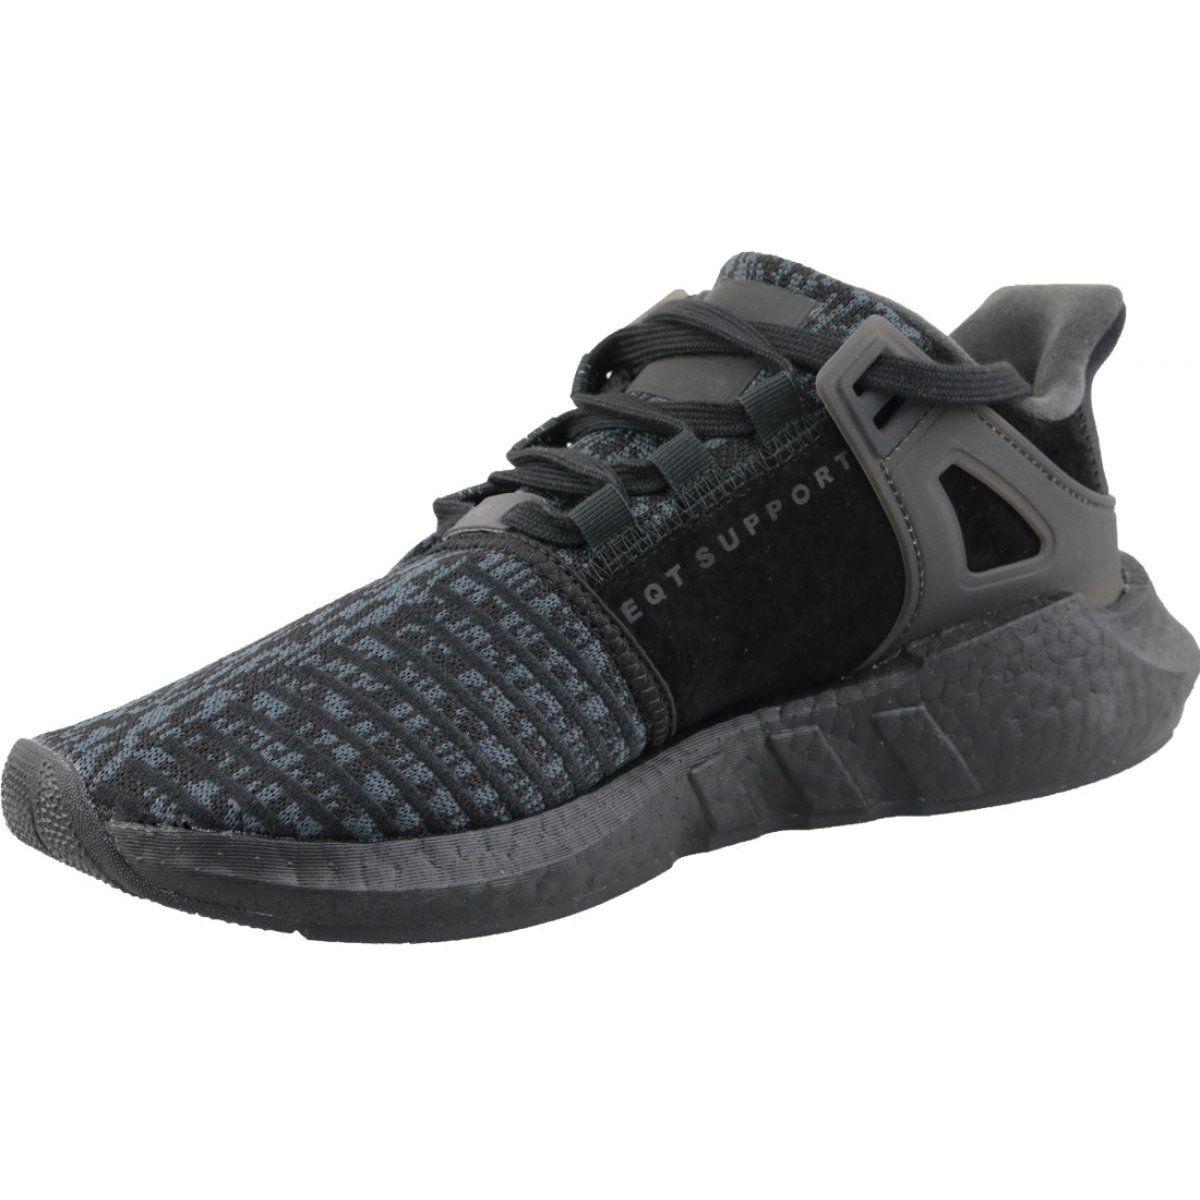 Sportowe Meskie Adidas Czarne Buty Adidas Eqt Support 93 17 M By9512 Adidas Eqt Support 93 Adidas Eqt Adidas Brand